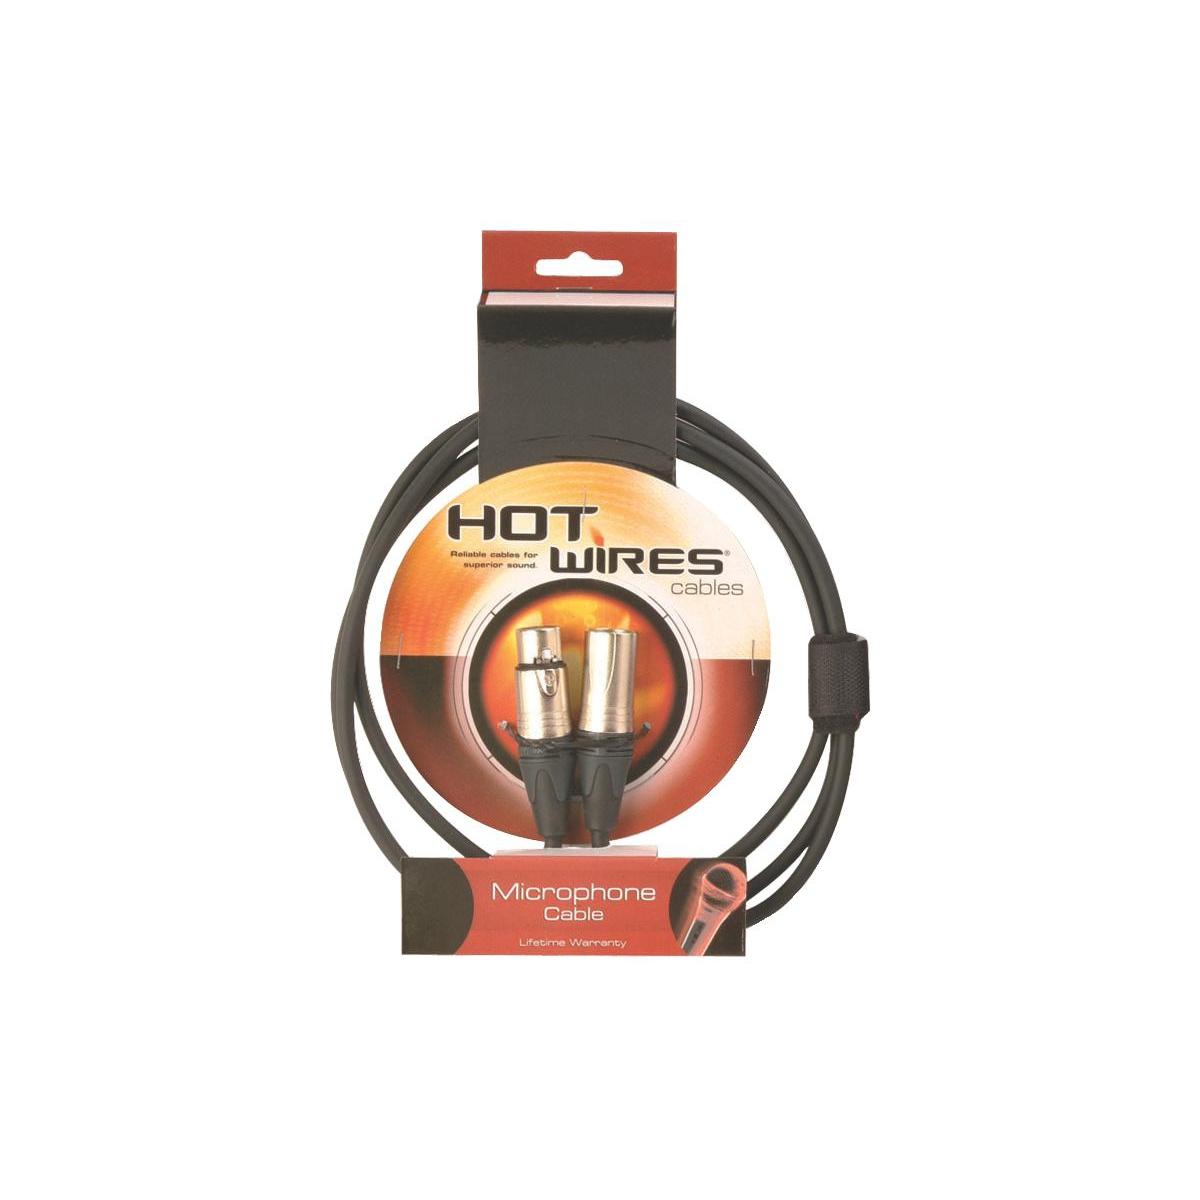 Microphone Cables with Neutrik Connectors